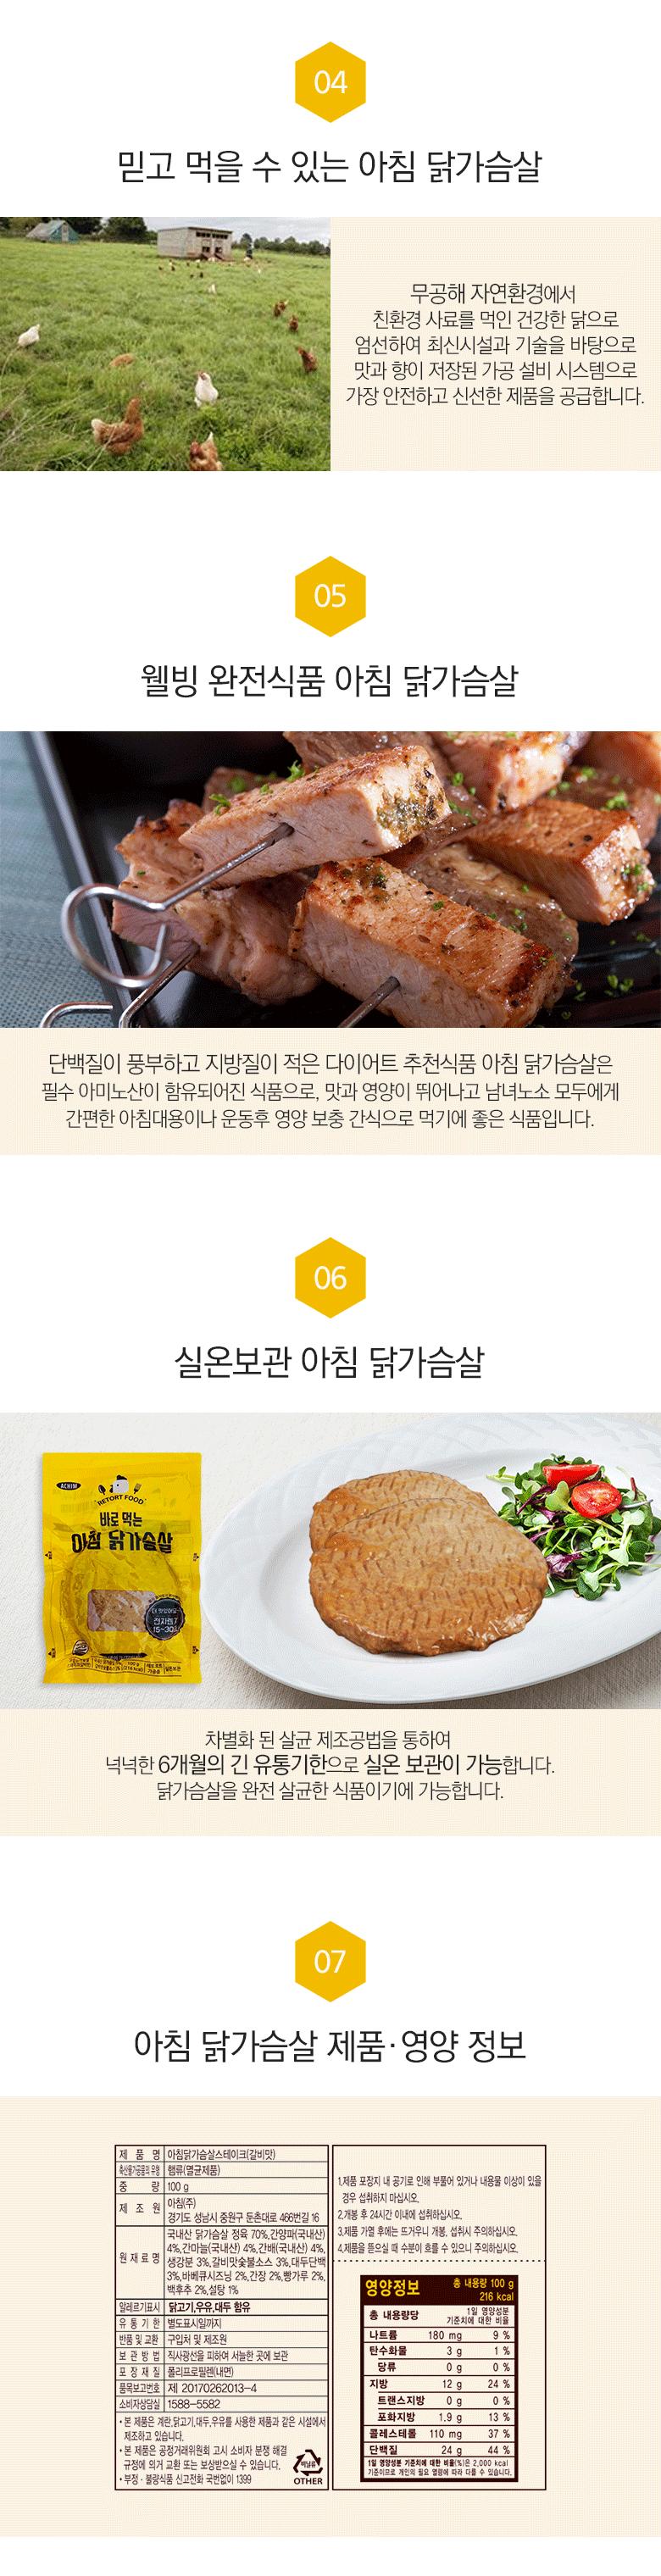 achim_chickensteak03_shop1_163948.png